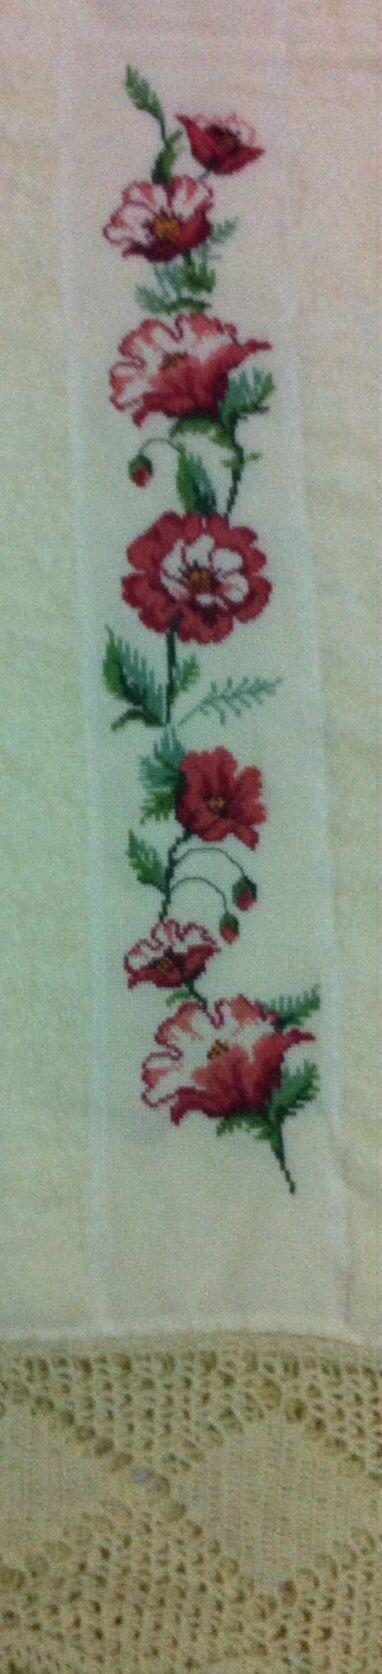 Detalhe com bordados e barra de crochet